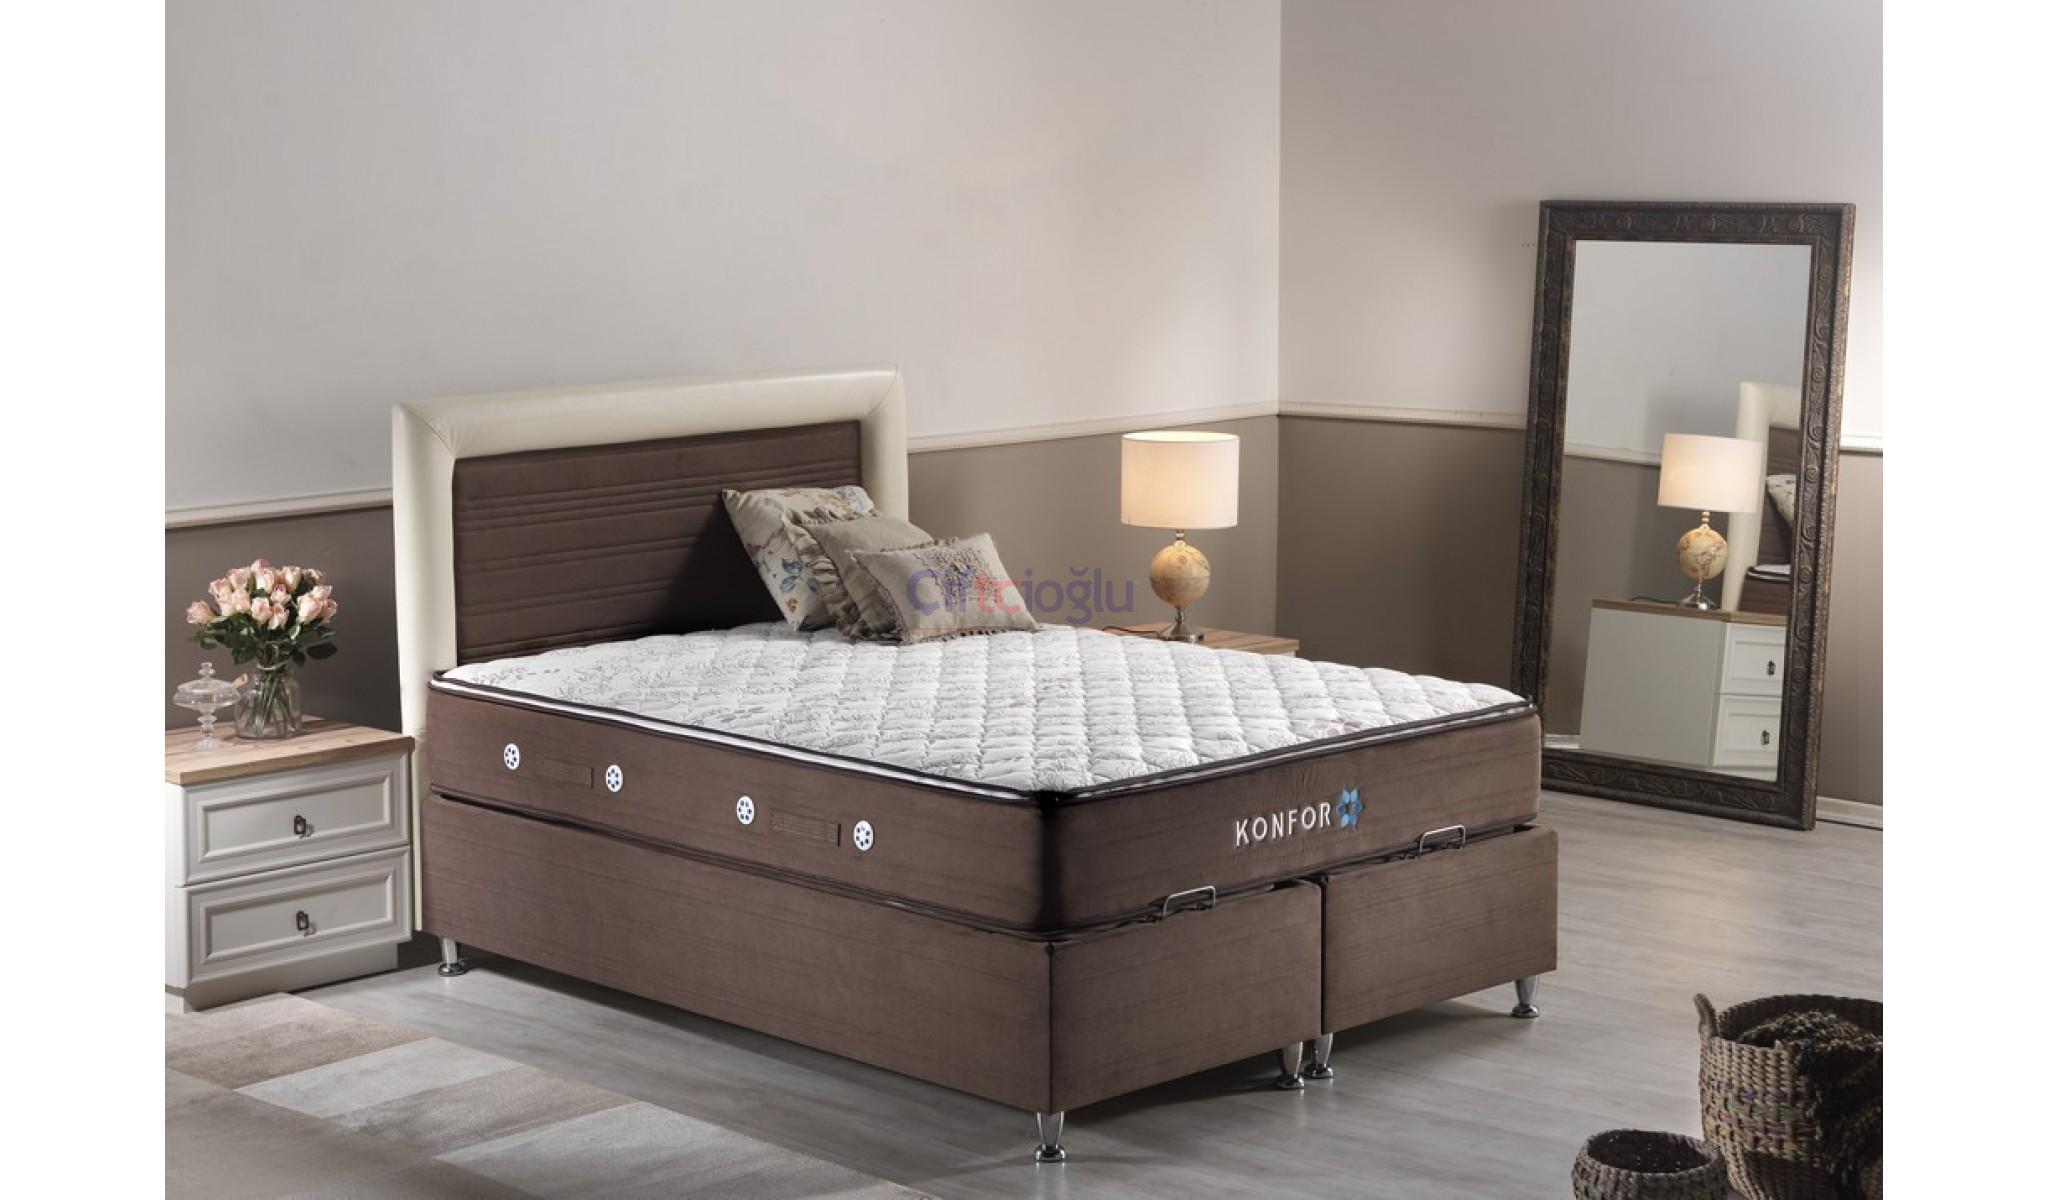 konfor yatak modelleri